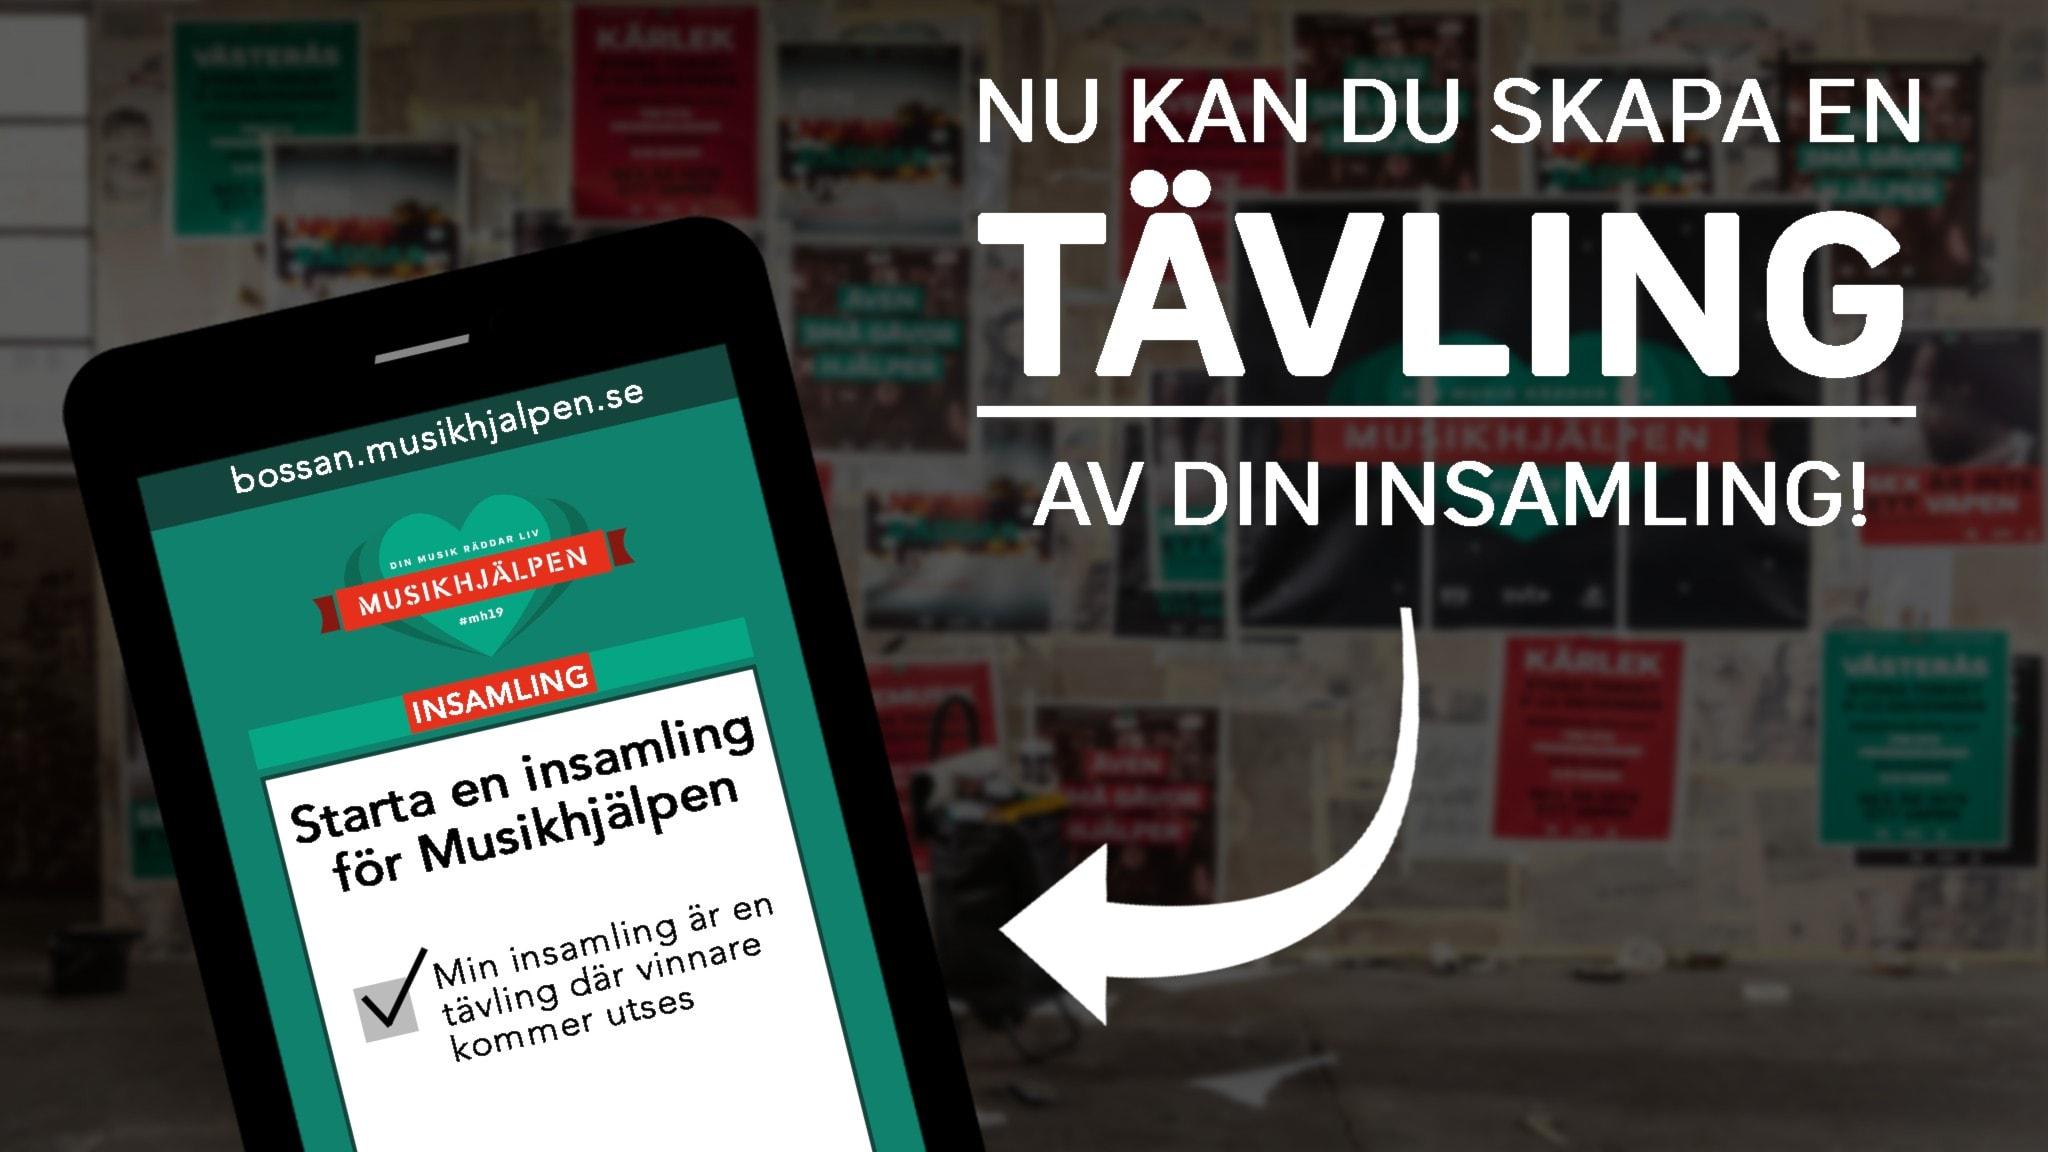 Äntligen kan du skapa en tävling! Musikhjälpen | Sveriges